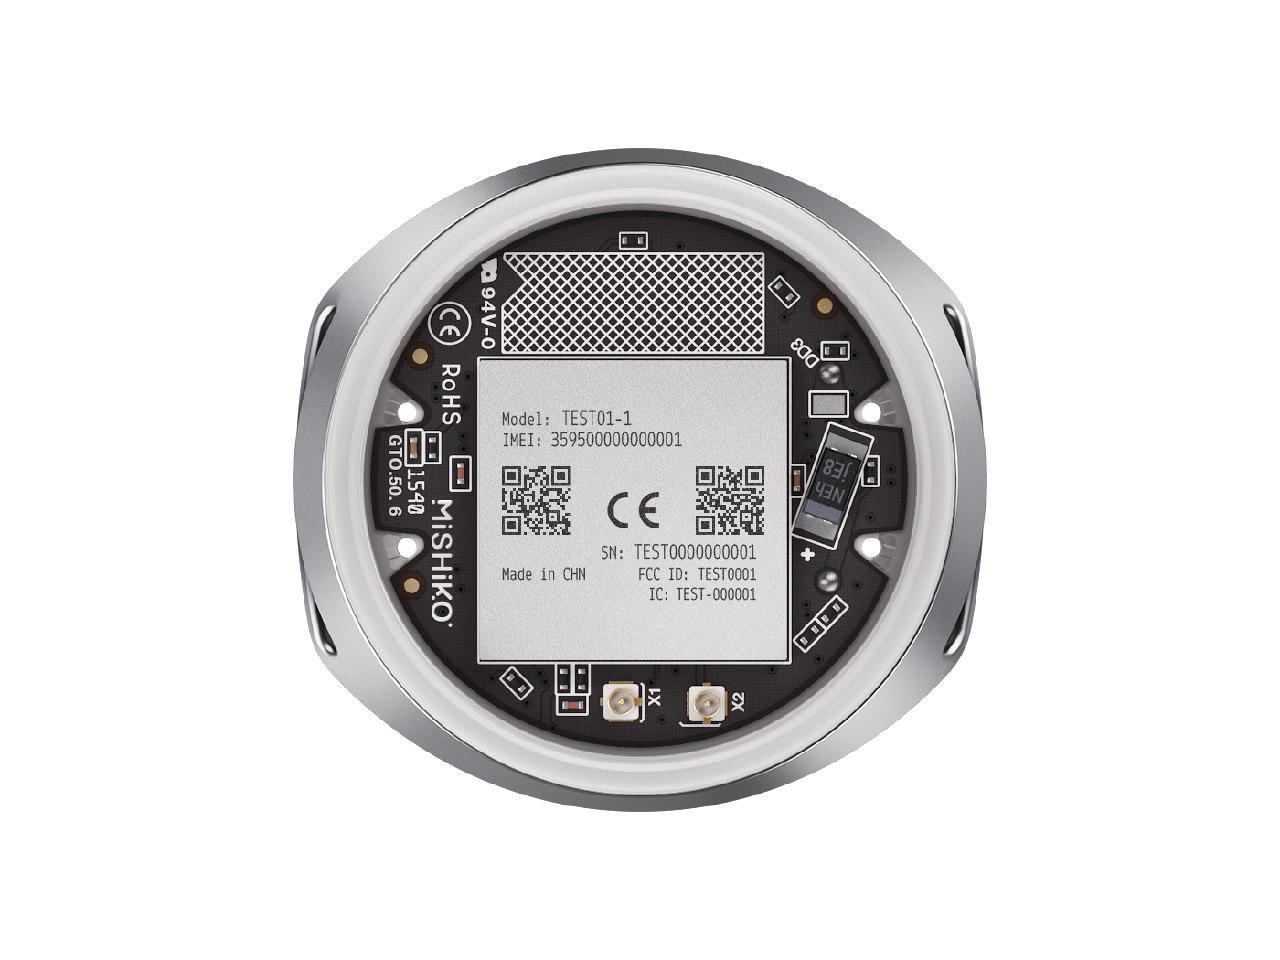 Кастомная GPS-антенна, SIM-чип, процессор и 8Мб памяти: из чего сделан умный собачий ошейник Mishiko - 2